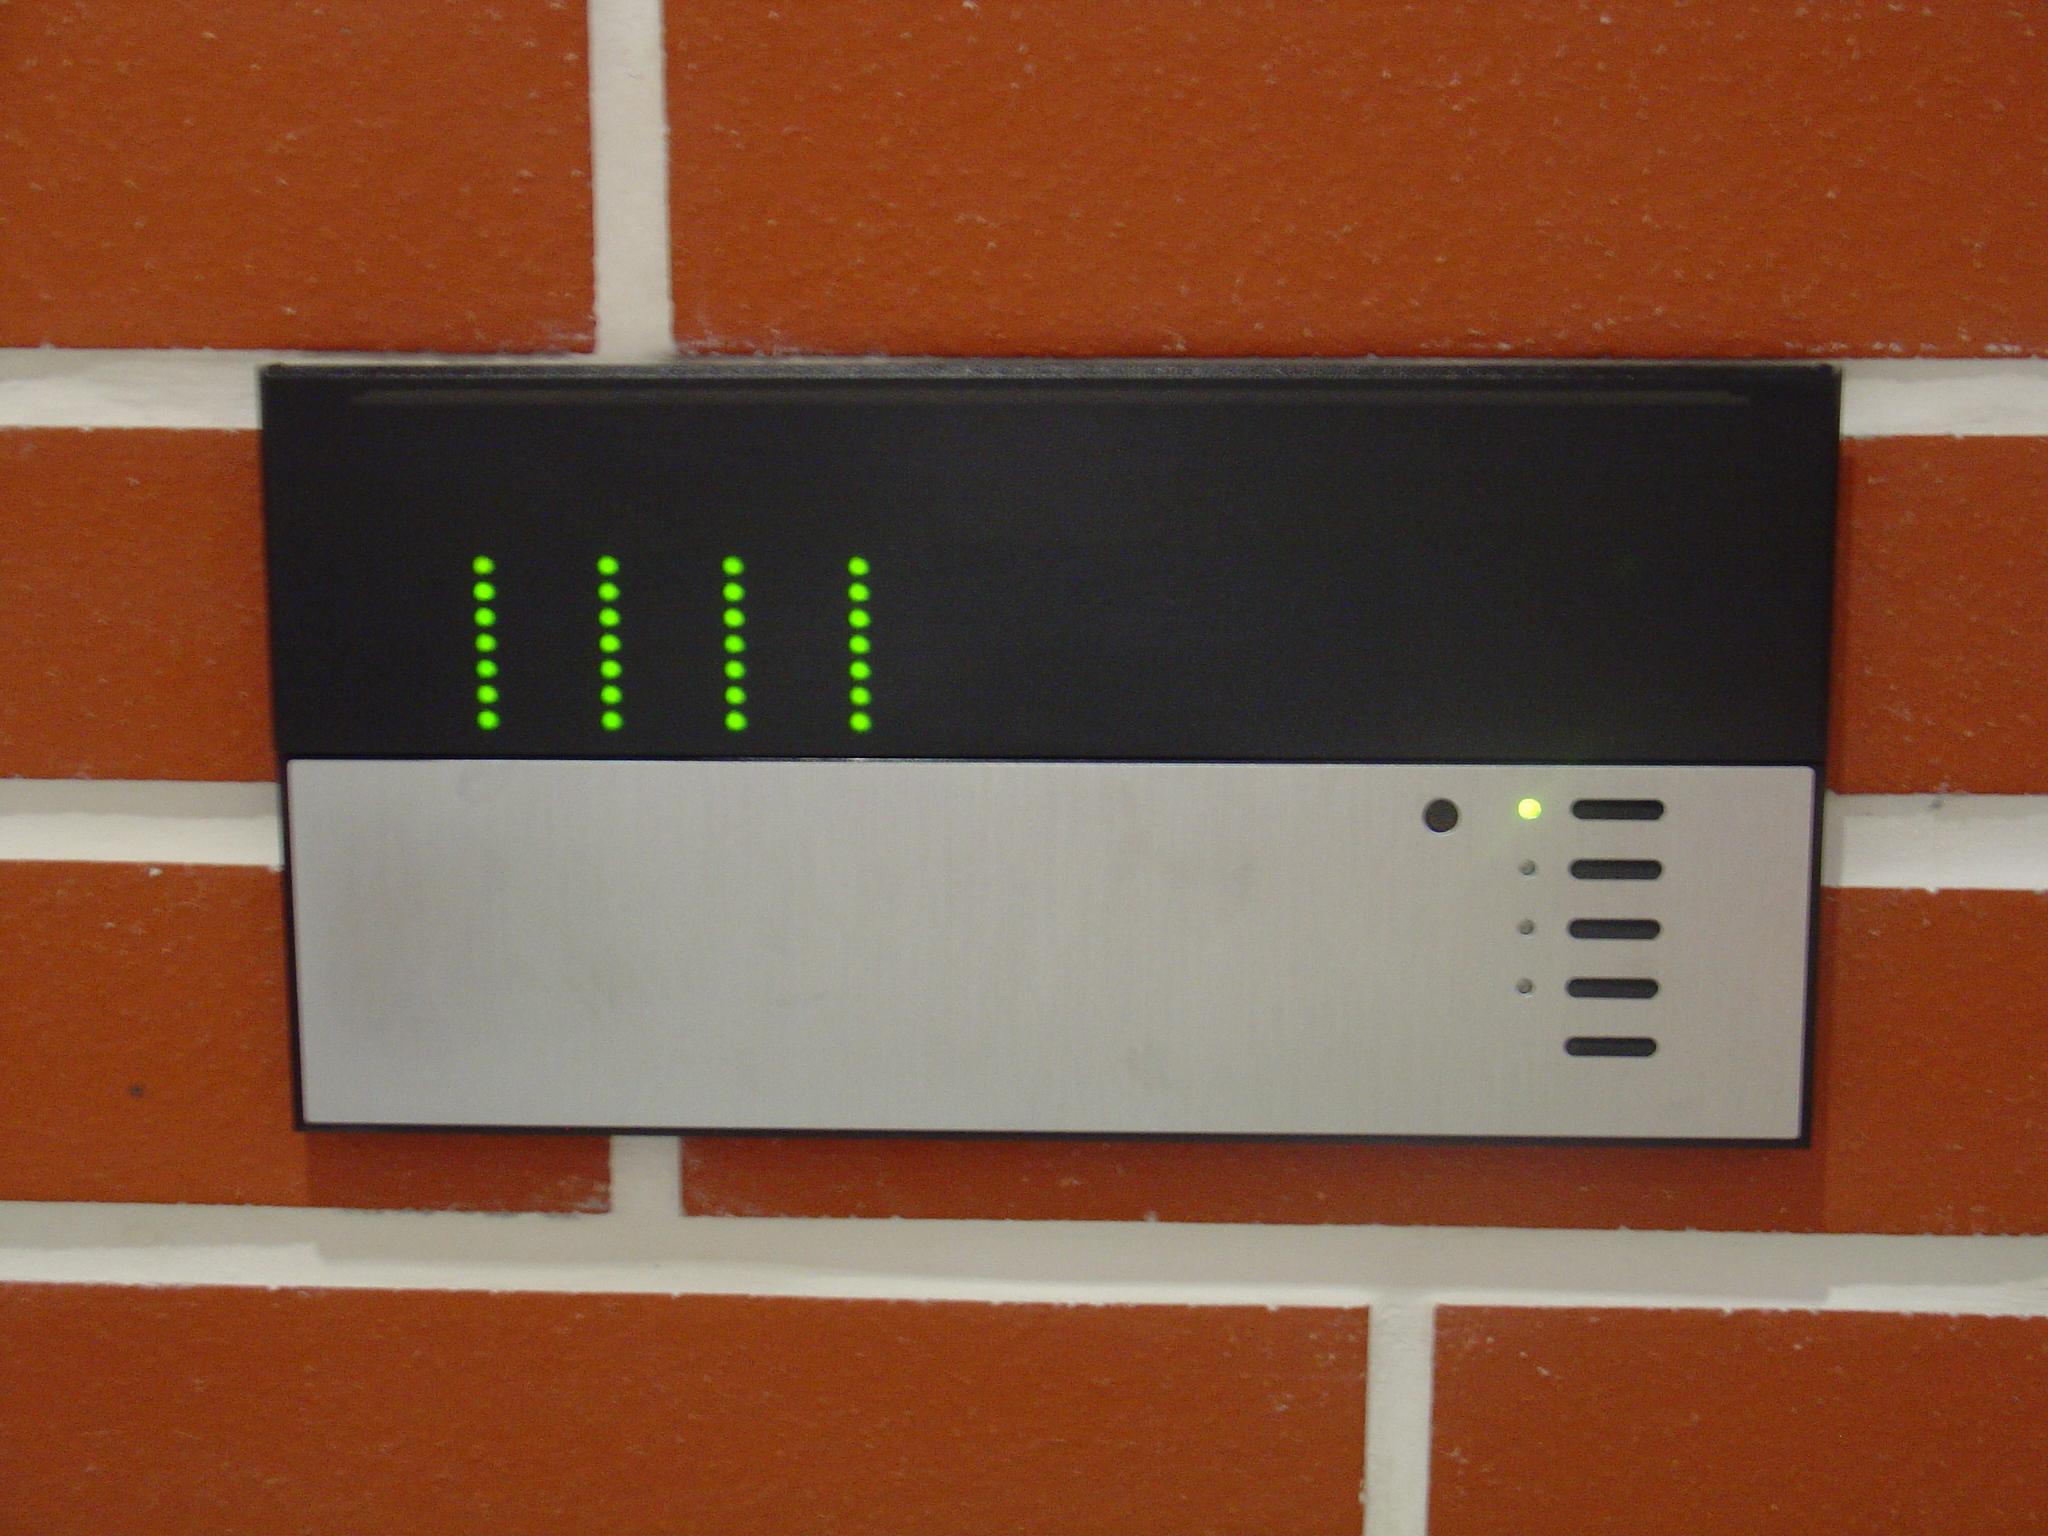 Commande de contrôle d'éclairage Lutron